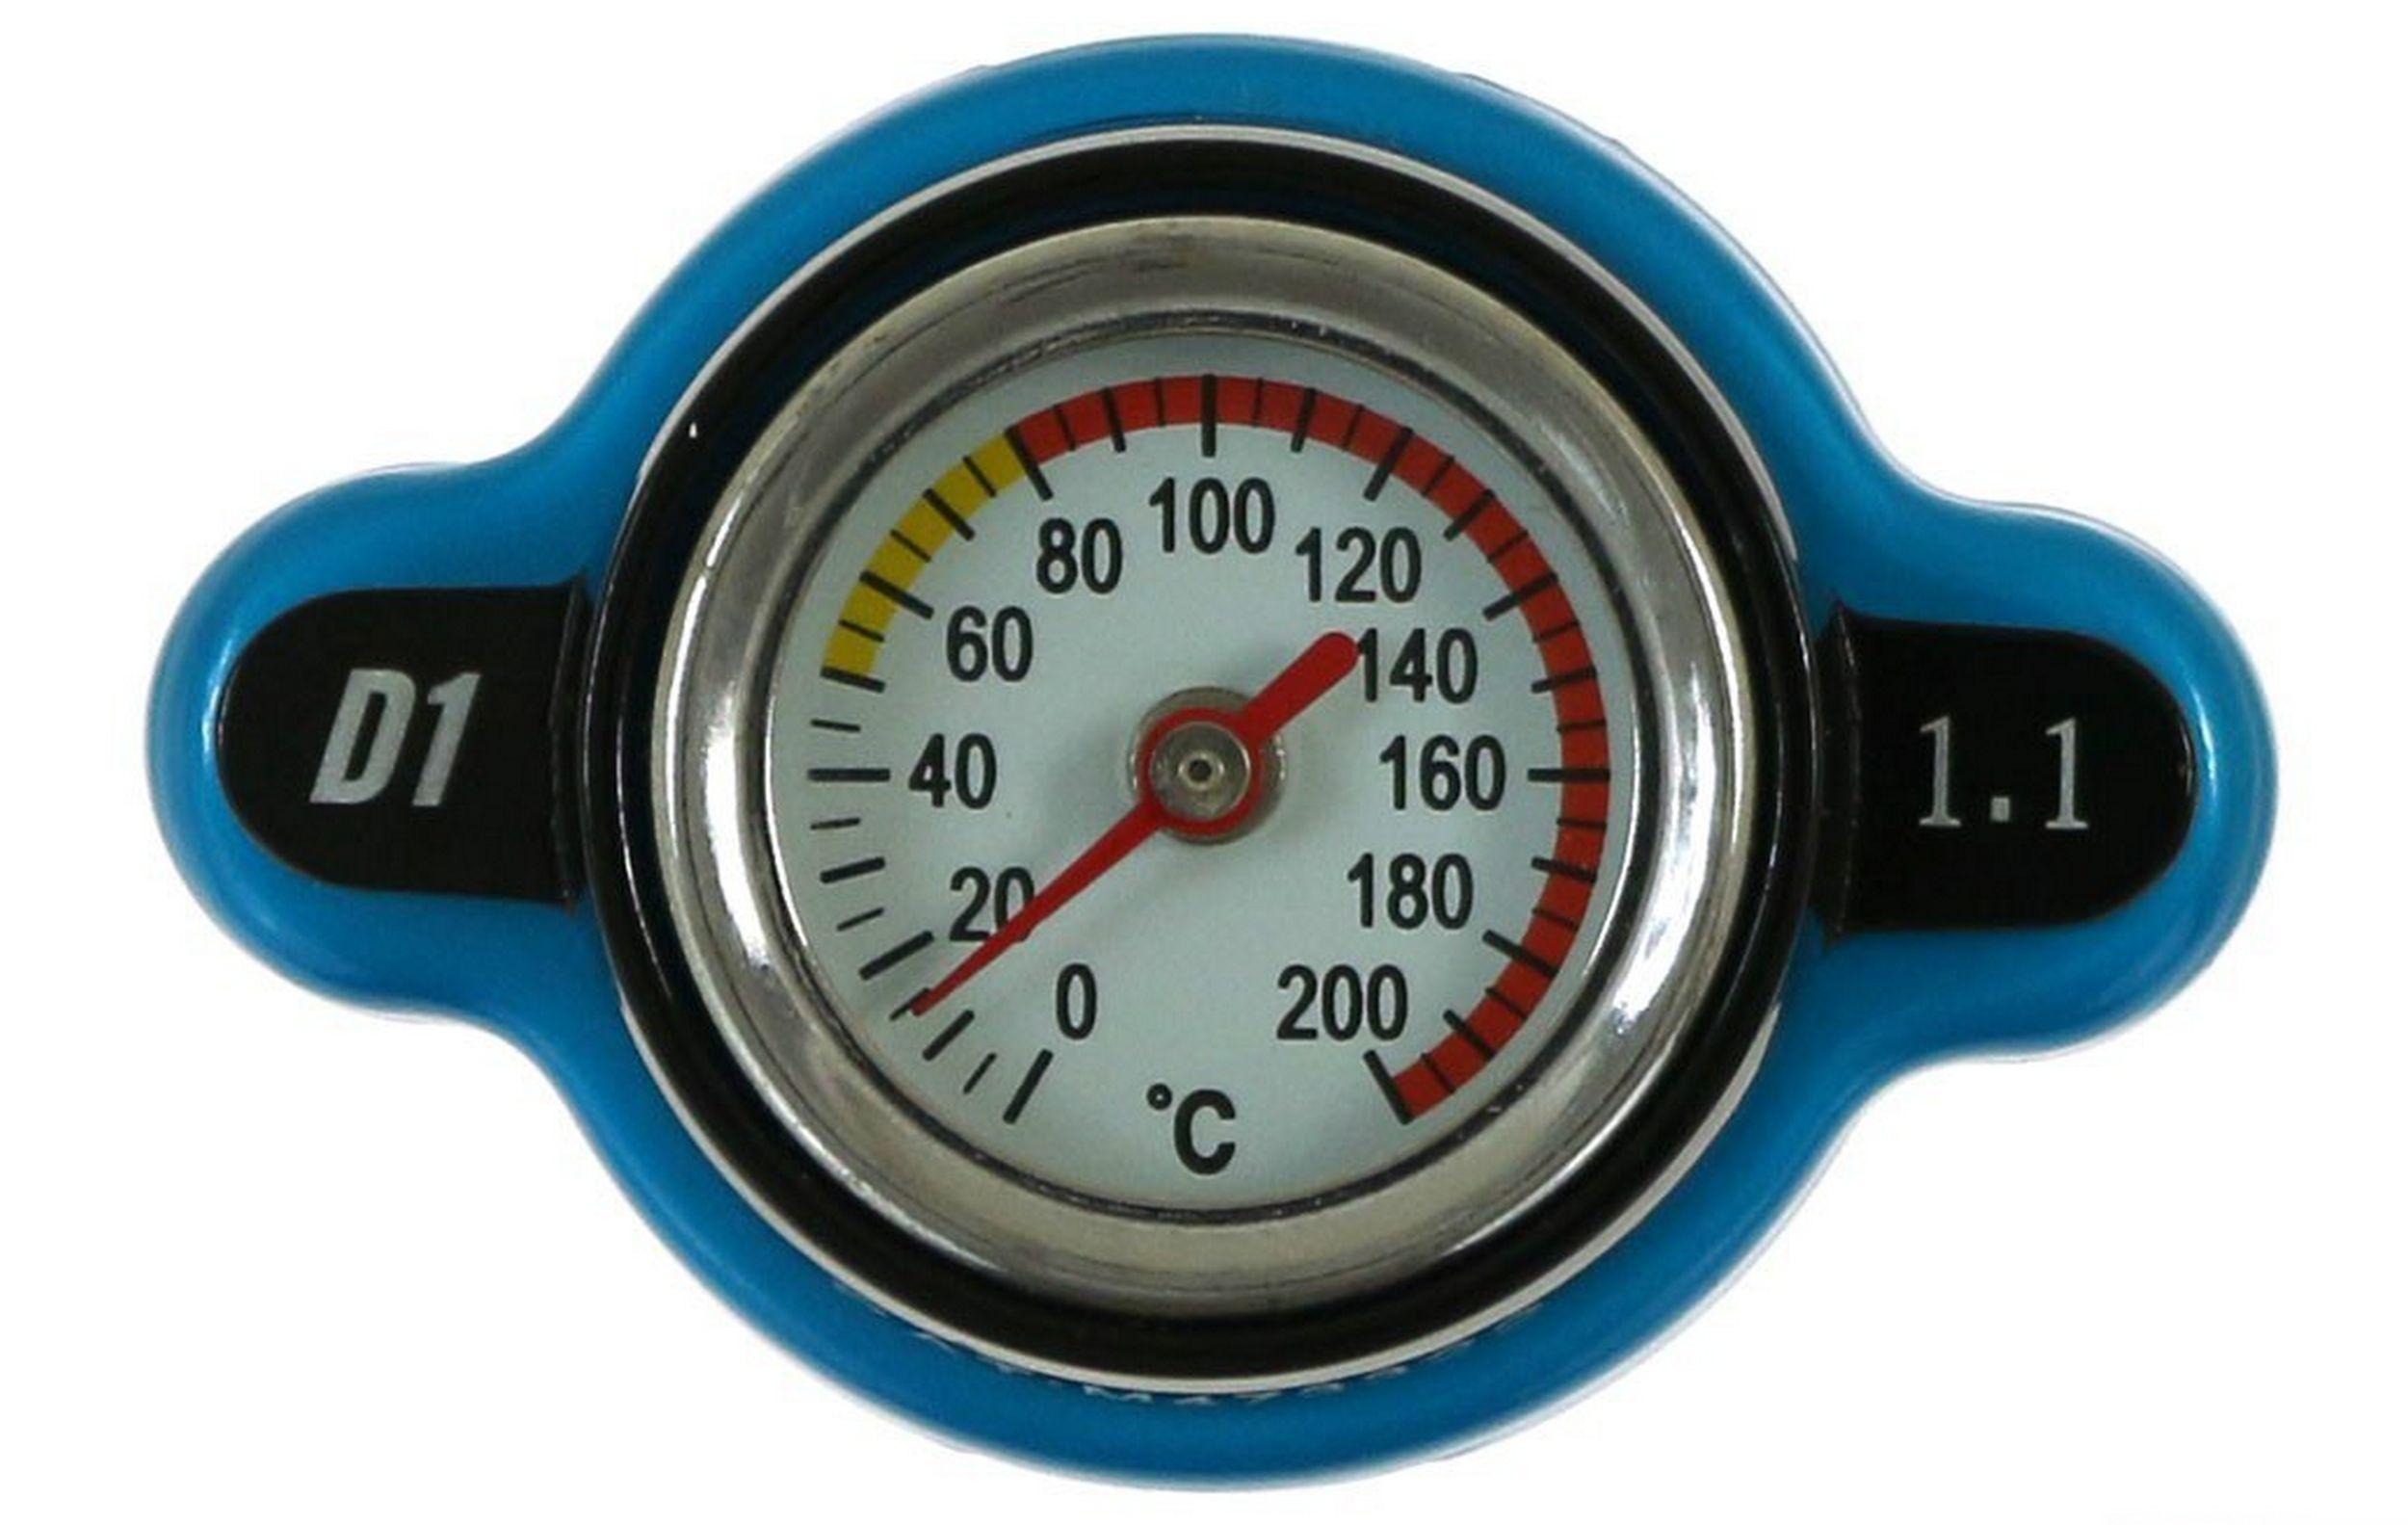 пробка настой радиатора 28mm 11bar d1spec термометр